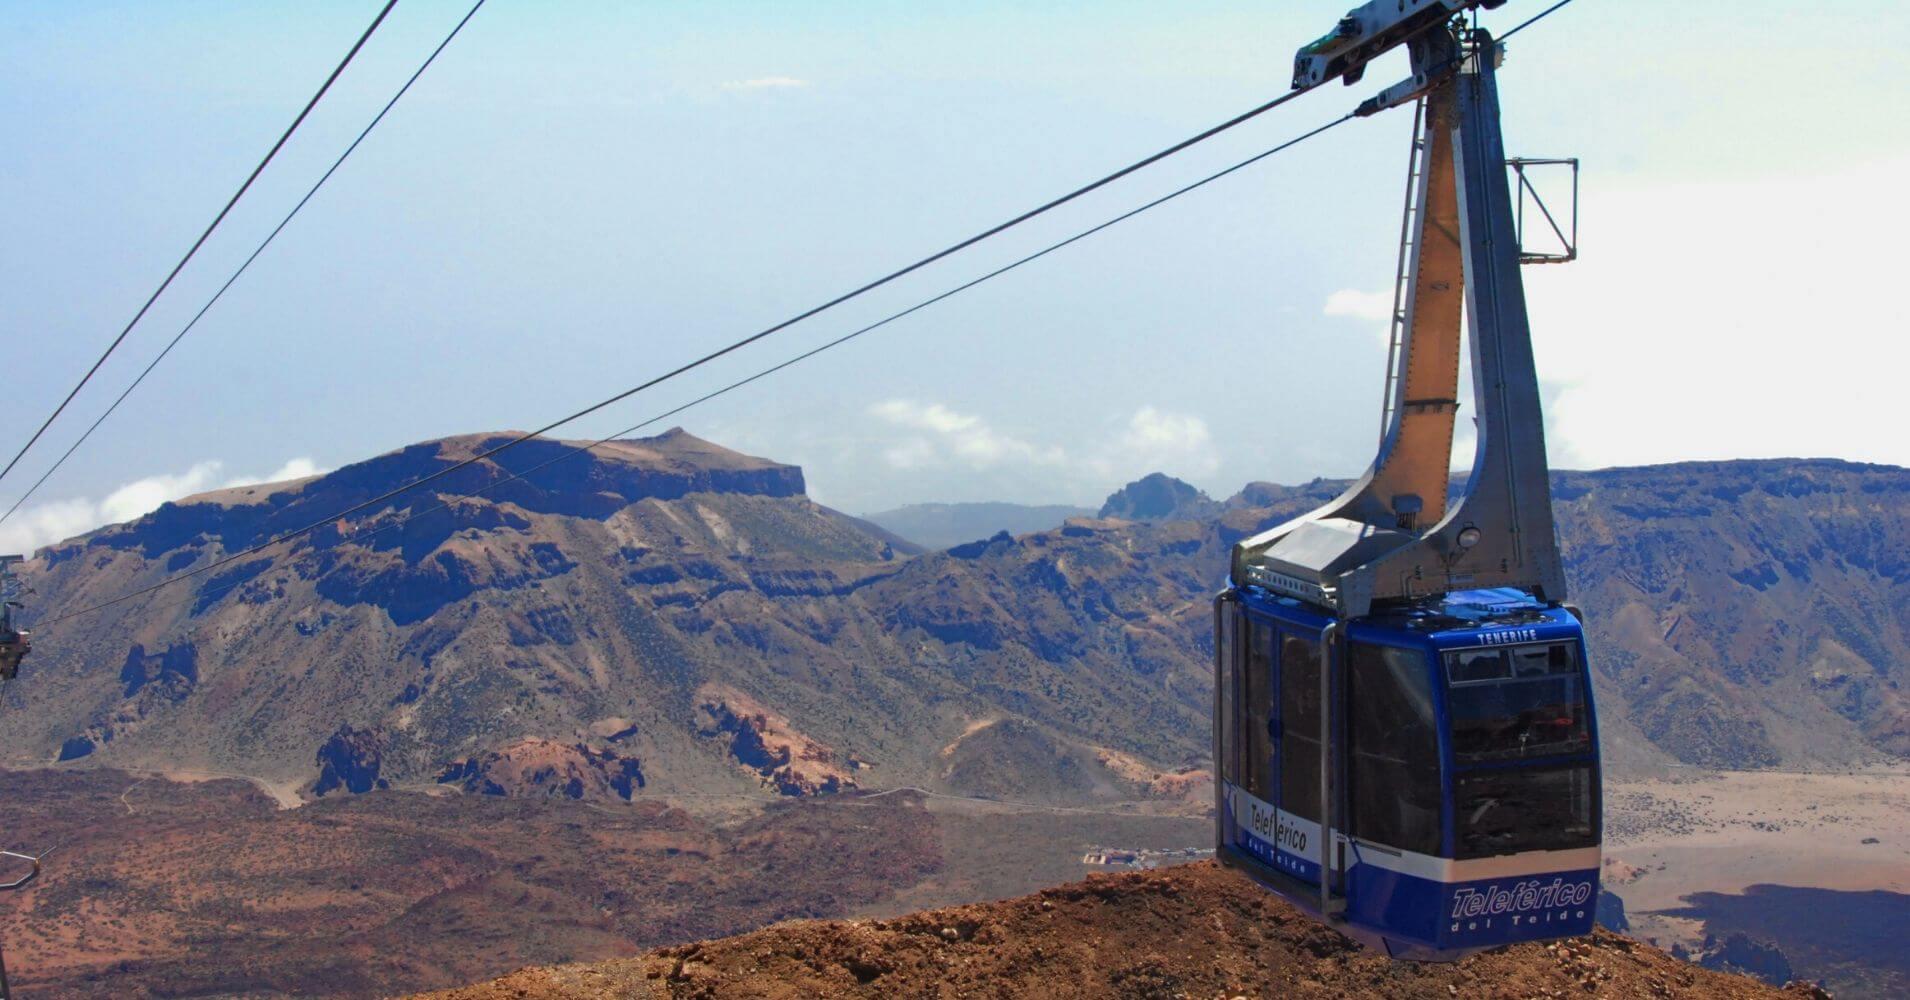 Teleférico del Parque Nacional de la Cañadas del Teide. Isla de Tenerife, Islas Canarias.